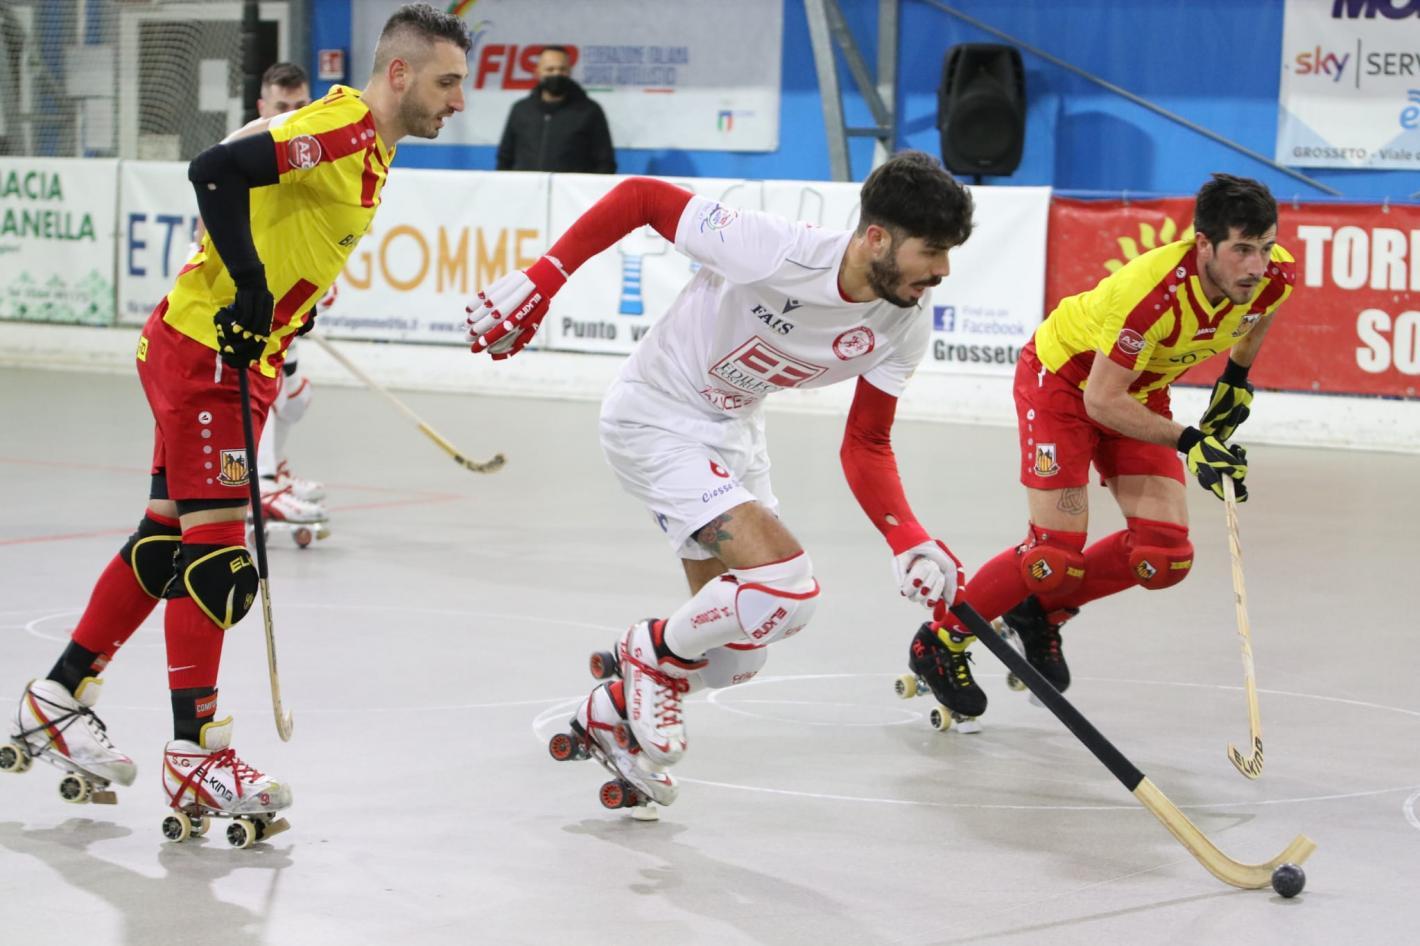 Hockey pista, Serie A1: nel recupero della 4a giornata, Grosseto passa nettamente a Scandiano